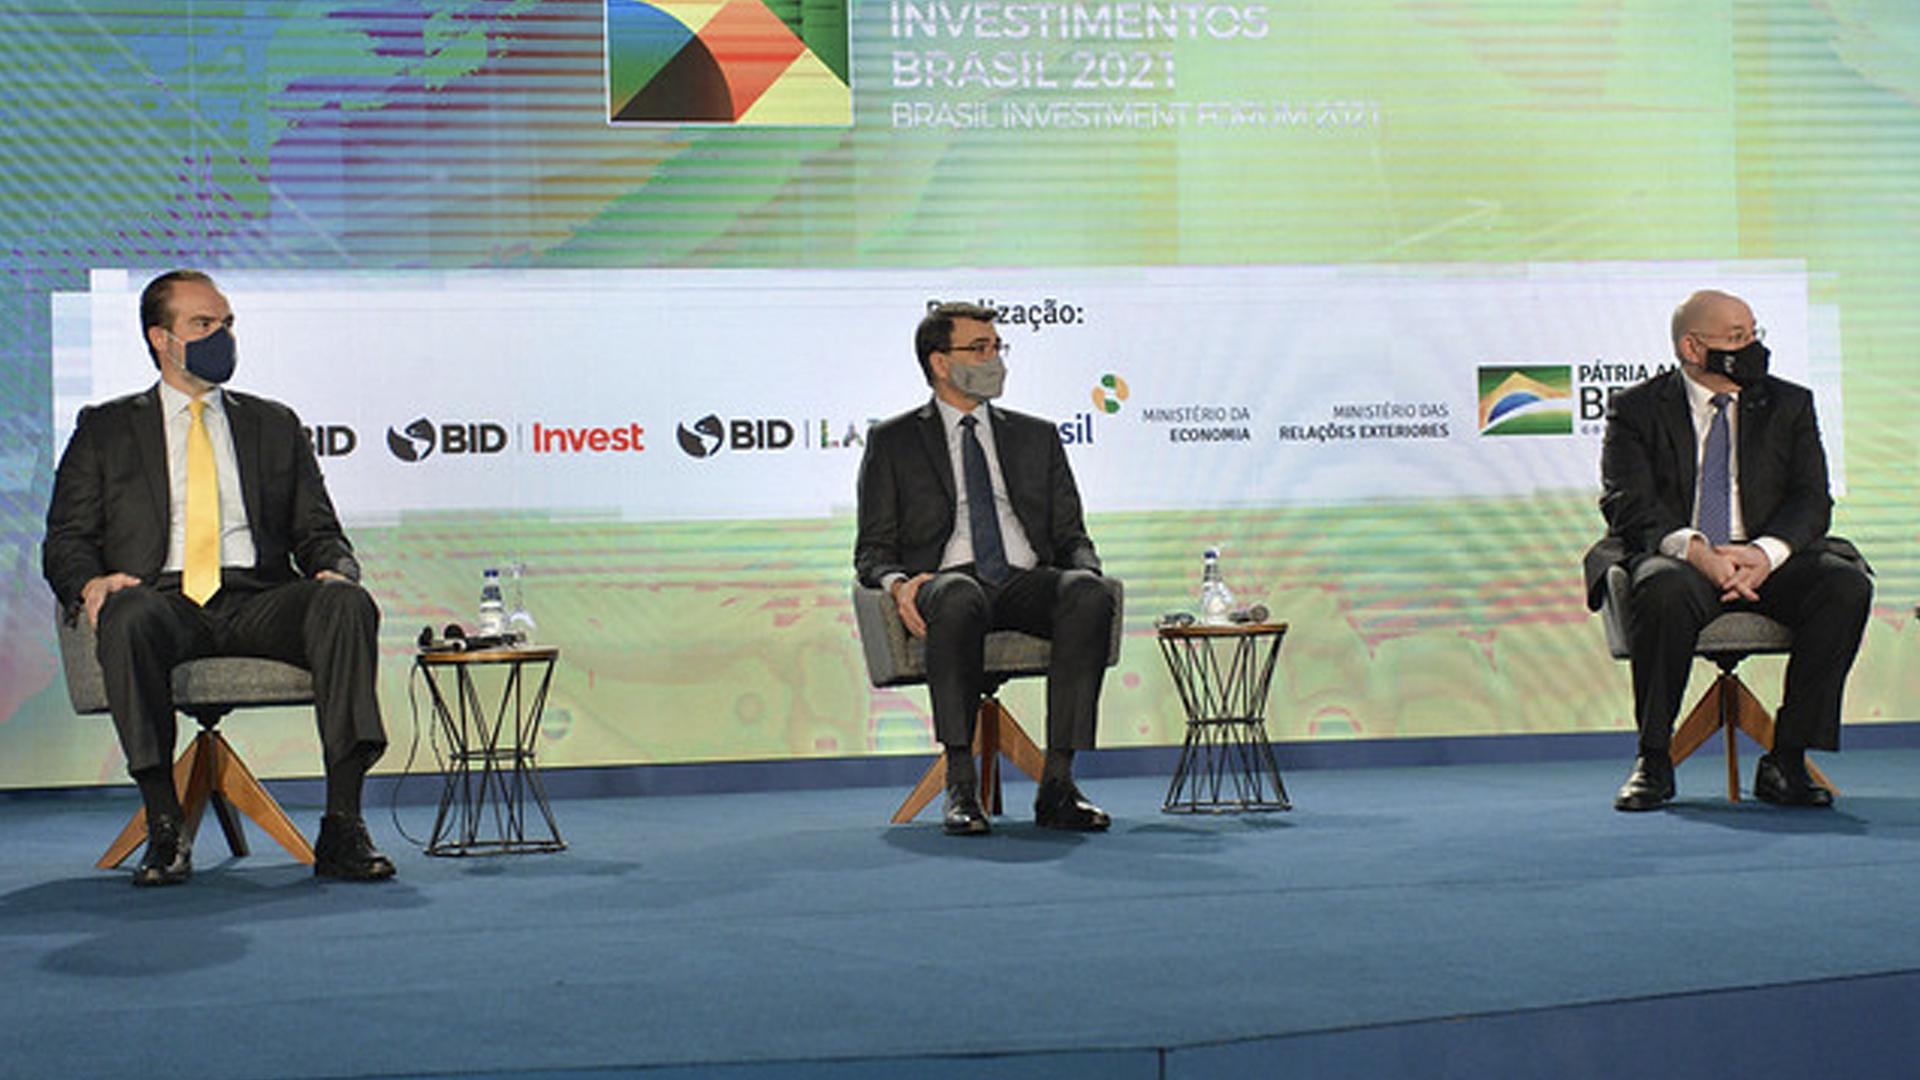 La CCBE colabora por primera vez en el Brasil Investment Forum